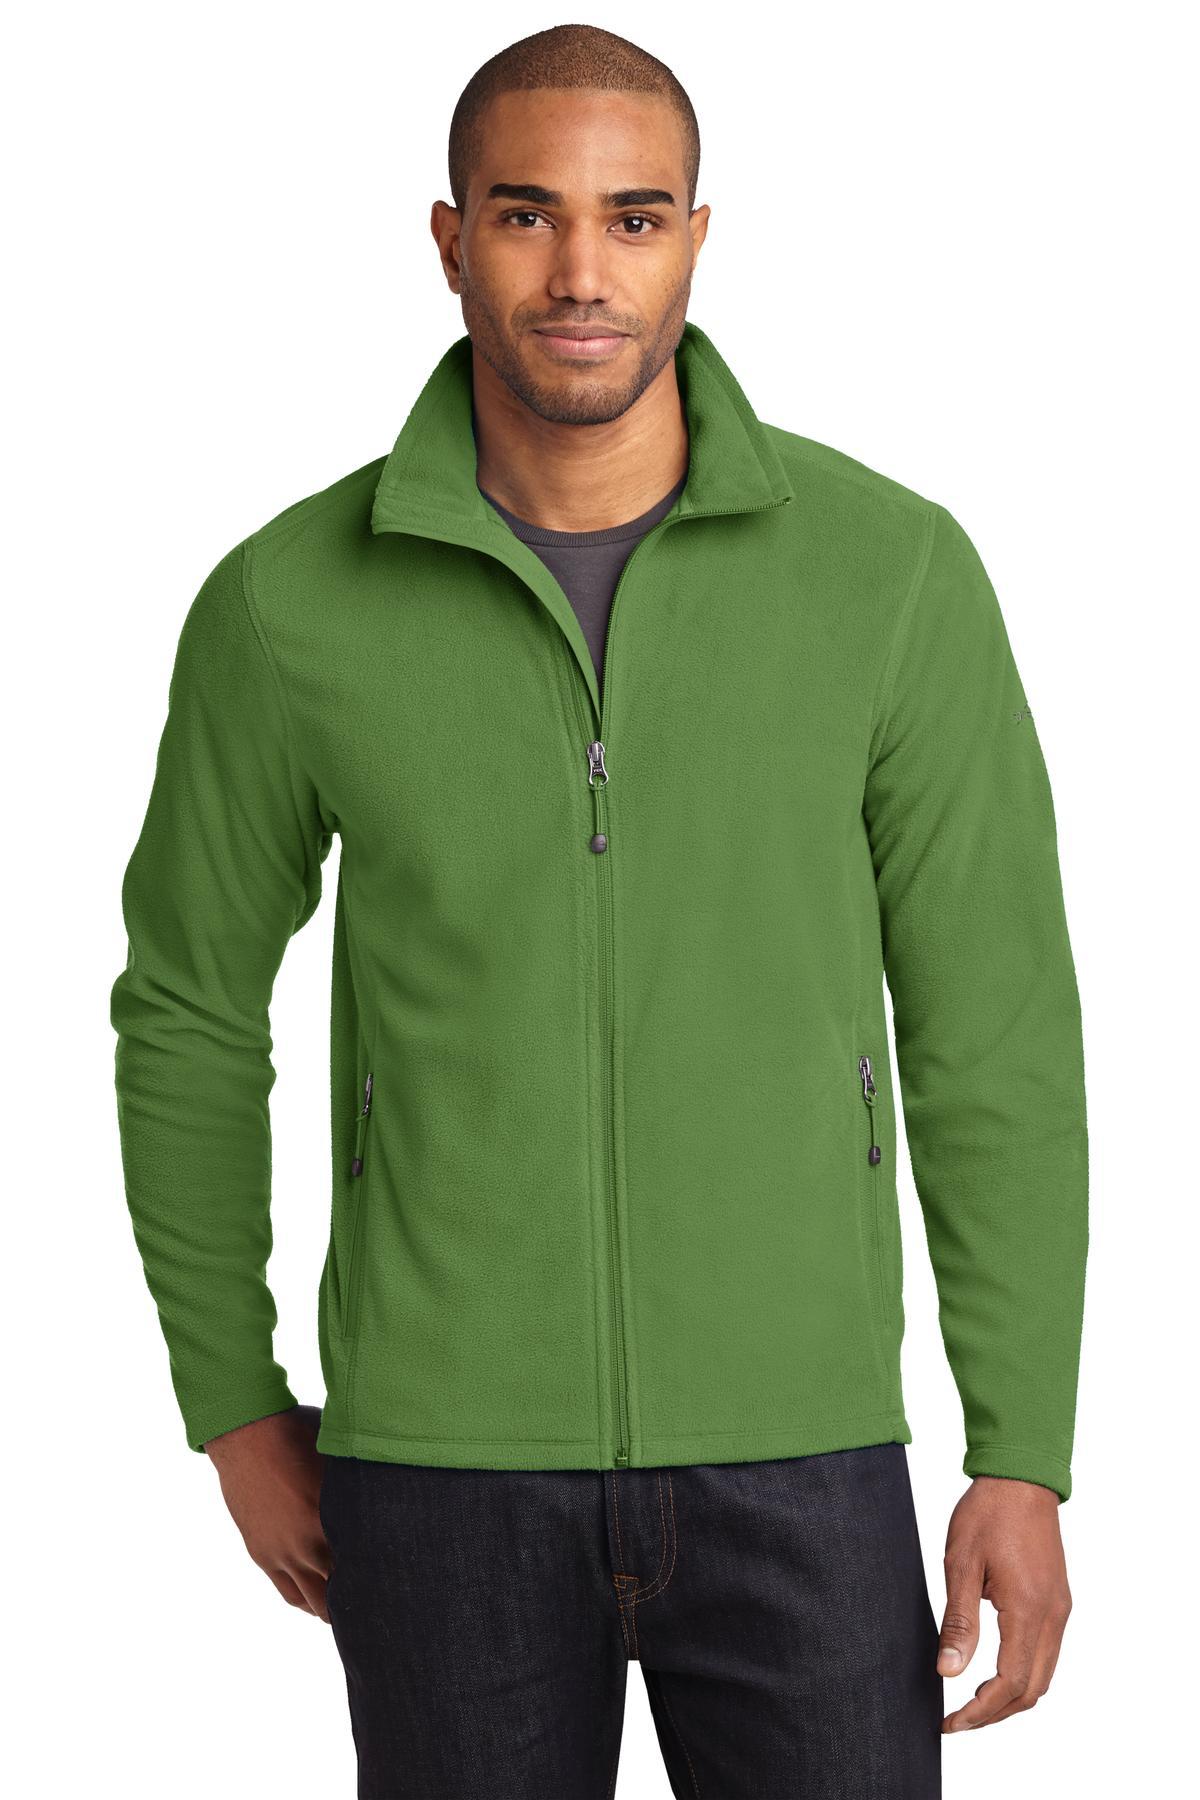 Outerwear-Polyester-Fleece-14